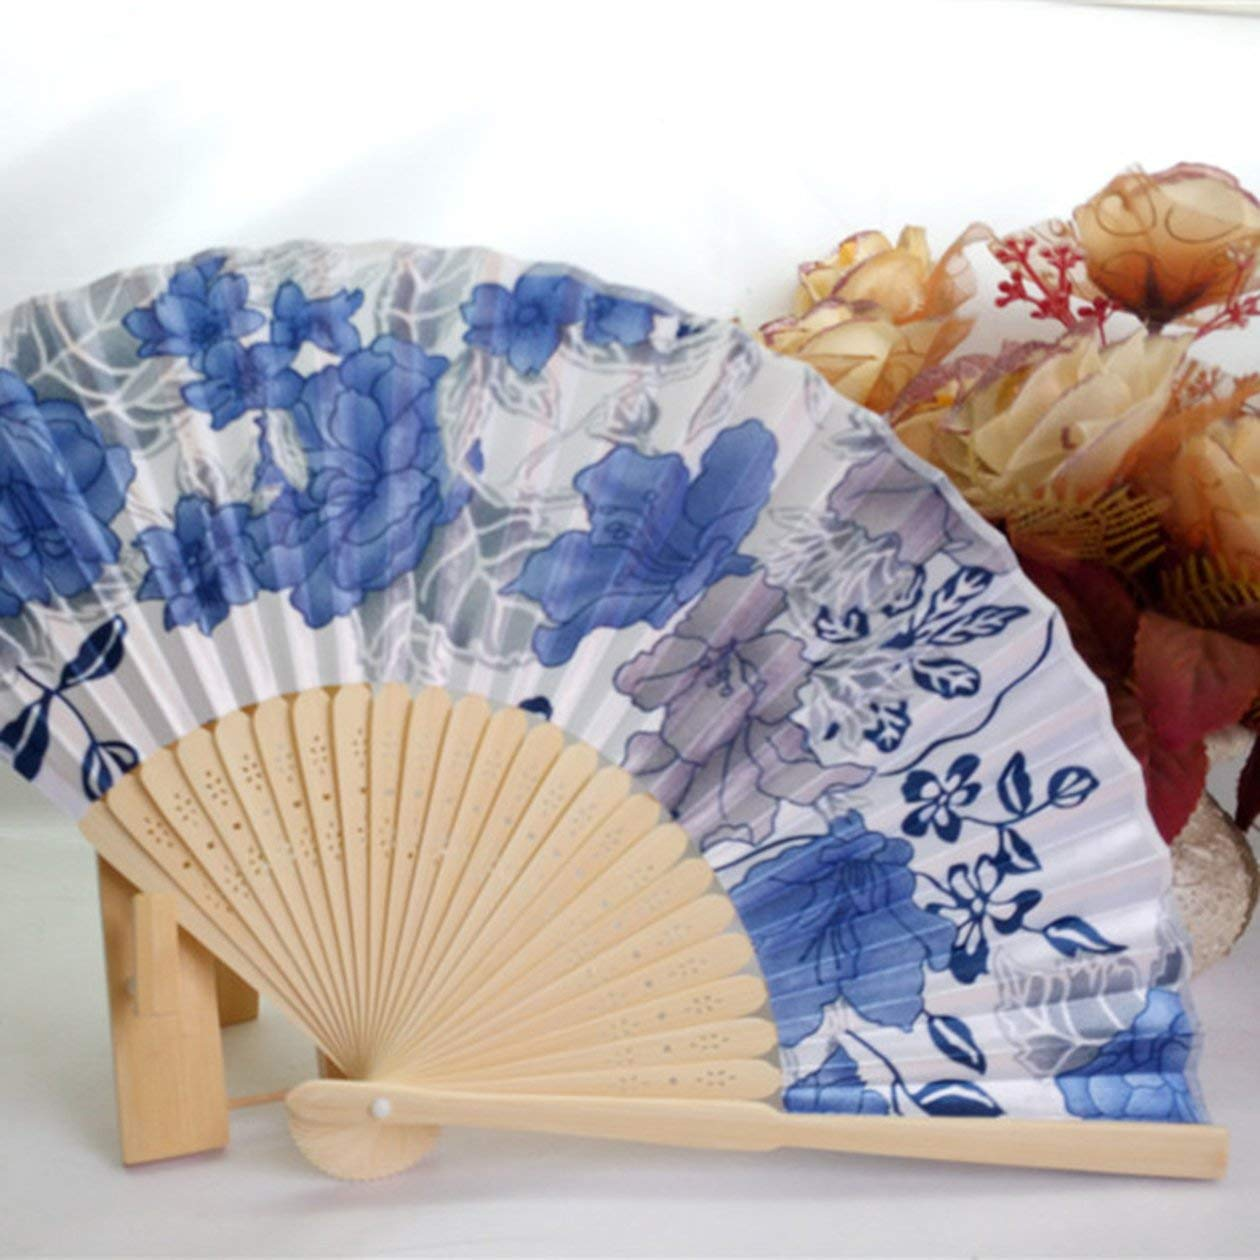 Ventilatore Portatile Ventilatore Pieghevole tenuto in Mano da Donna Nuovo Stile Giapponese n. 8 Ventaglio con ventaglio Color Ciliegia con Cornice in bambù Heraihe